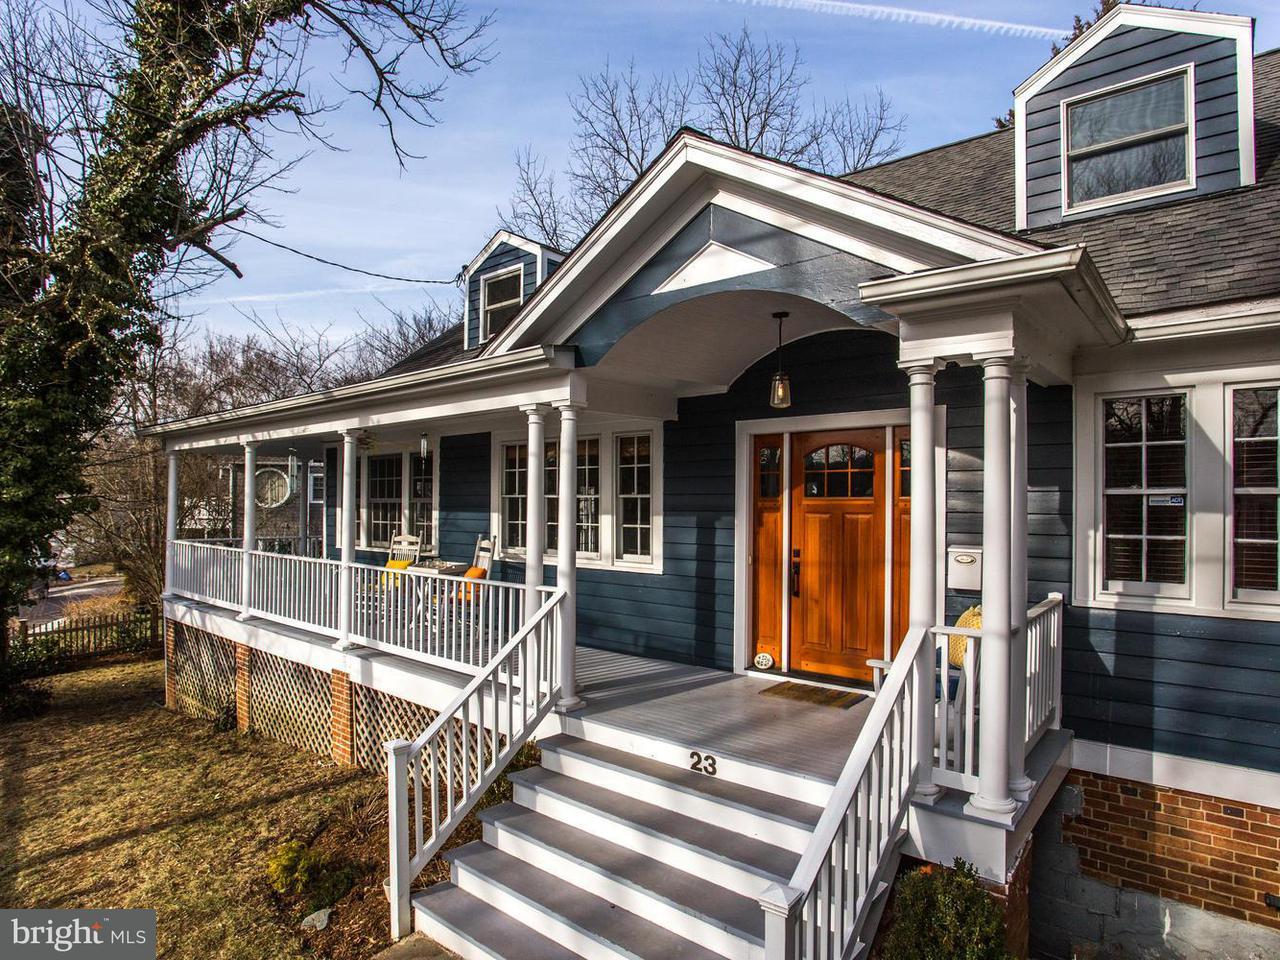 Casa Unifamiliar por un Venta en 23 Wellesley Circle 23 Wellesley Circle Glen Echo, Maryland 20812 Estados Unidos